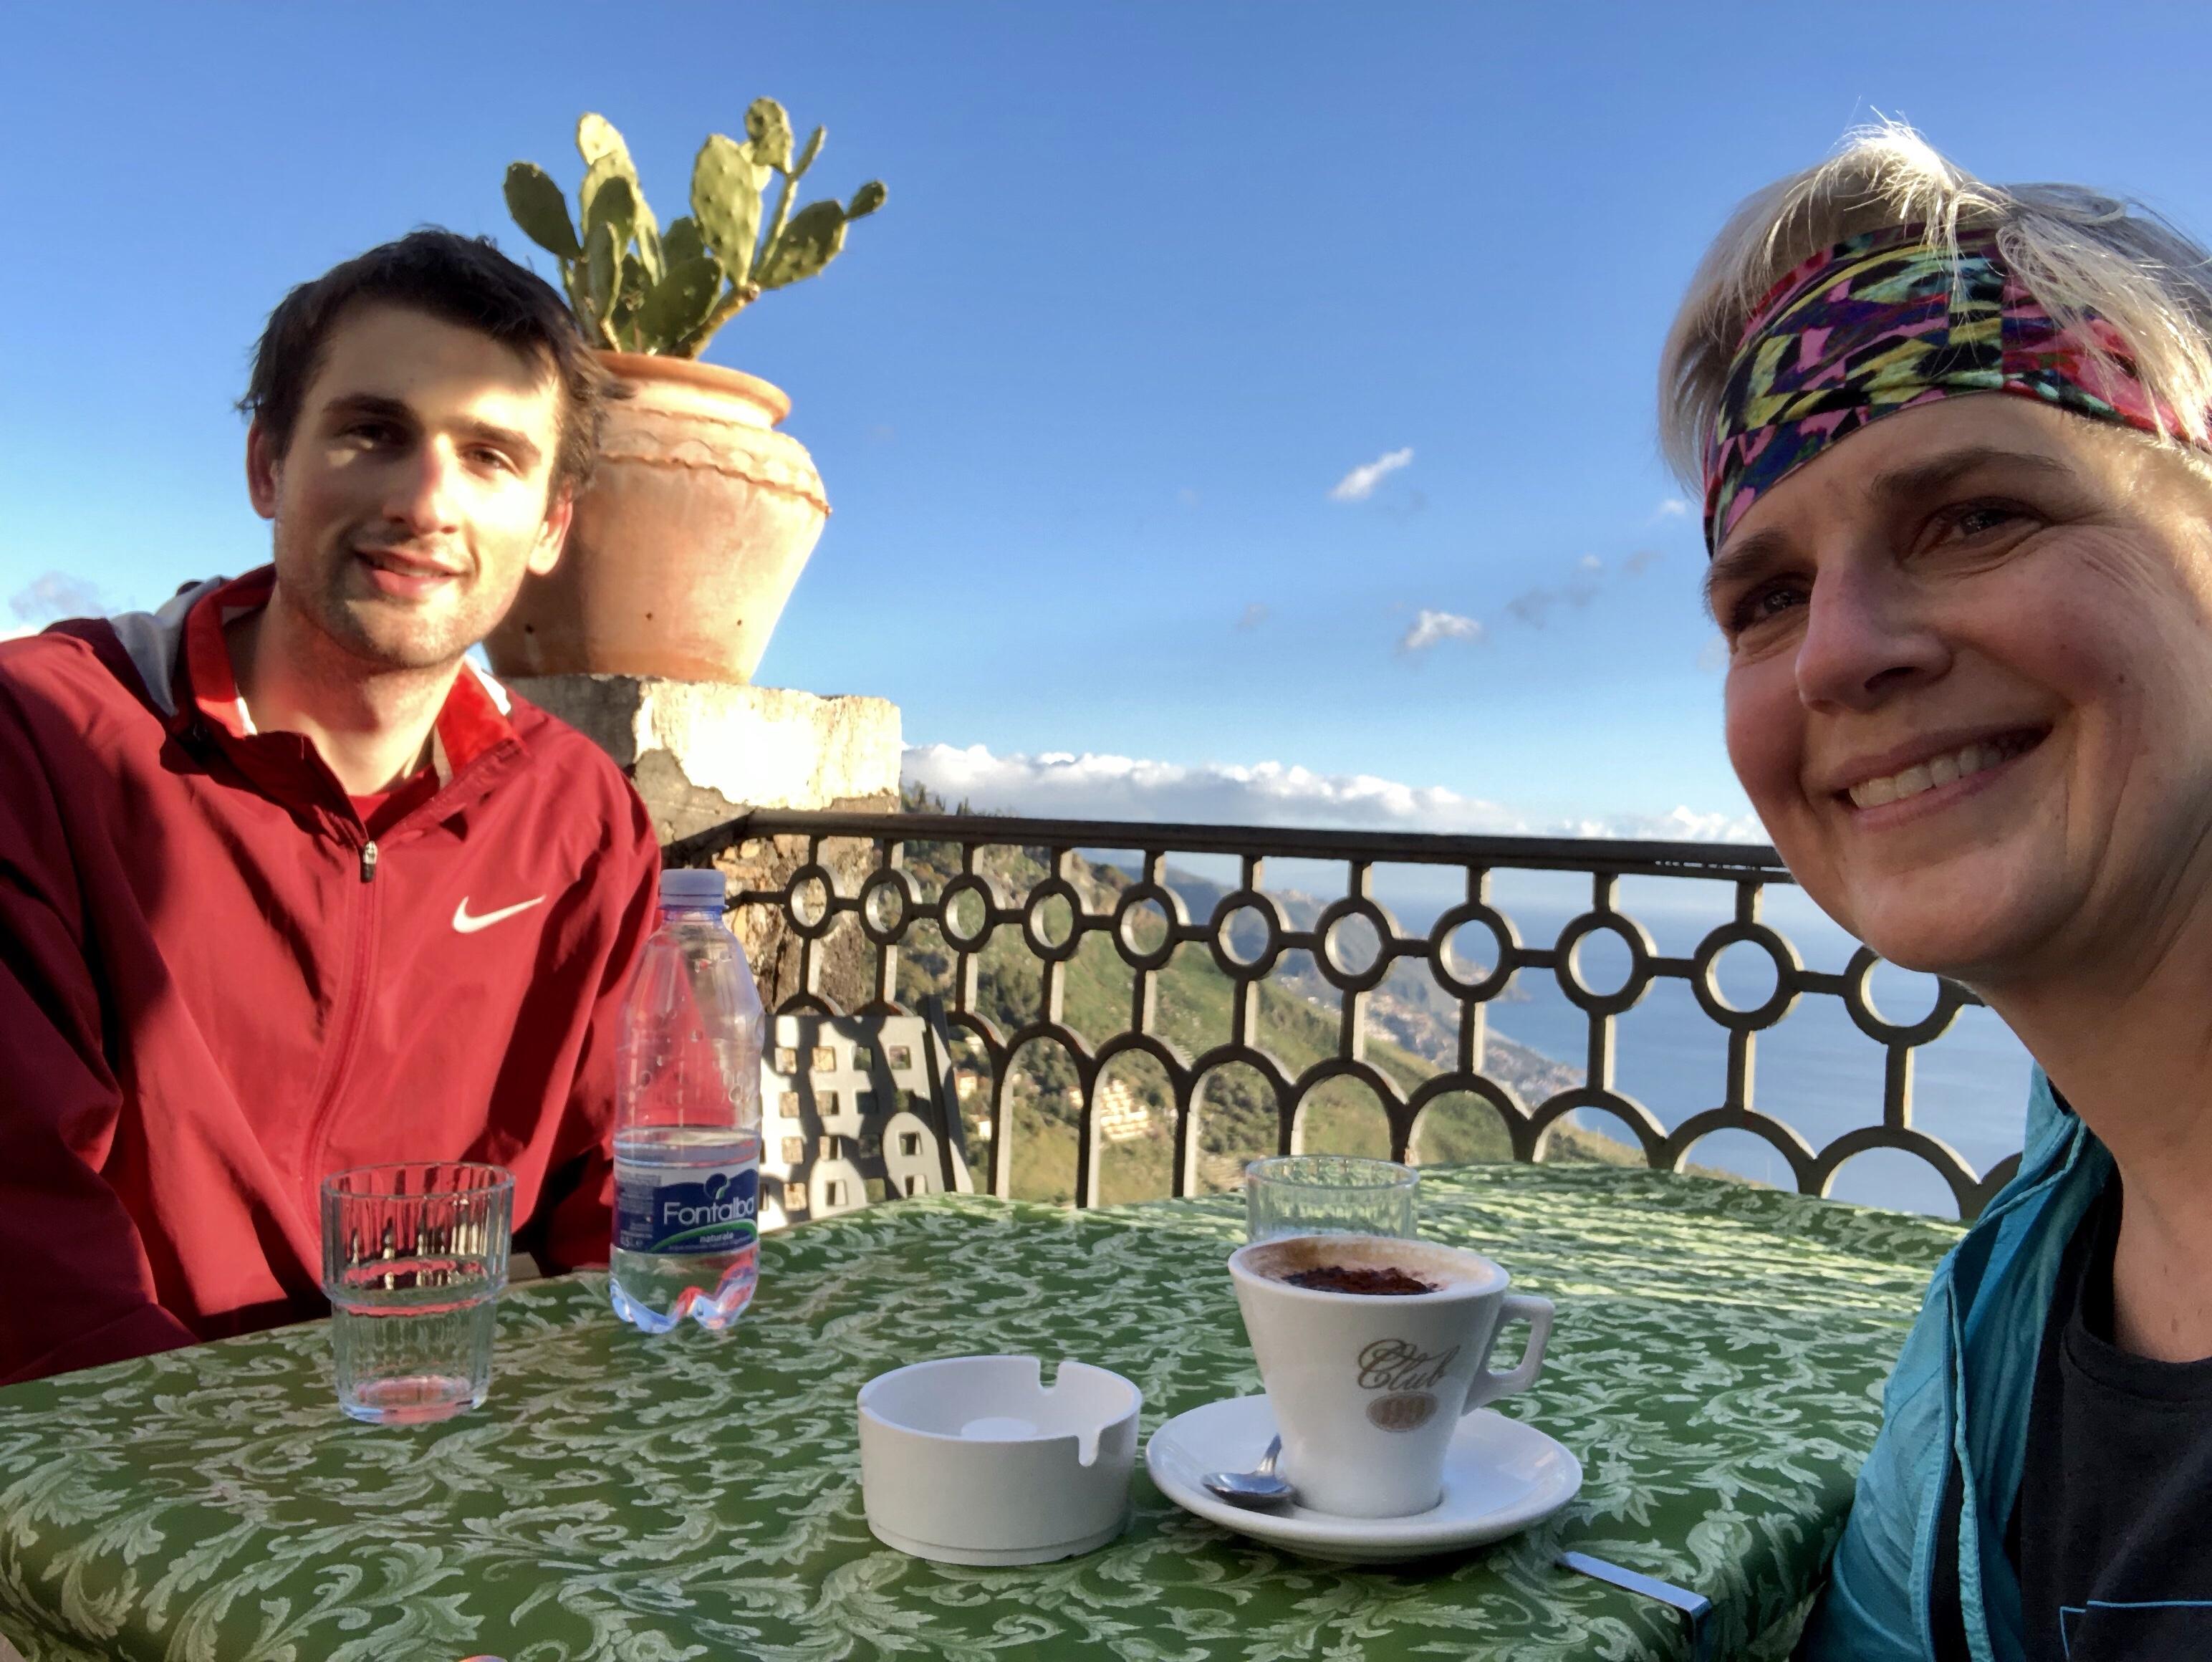 Mountaintop dining at Caffe Bar San Giorgio, Castelmola